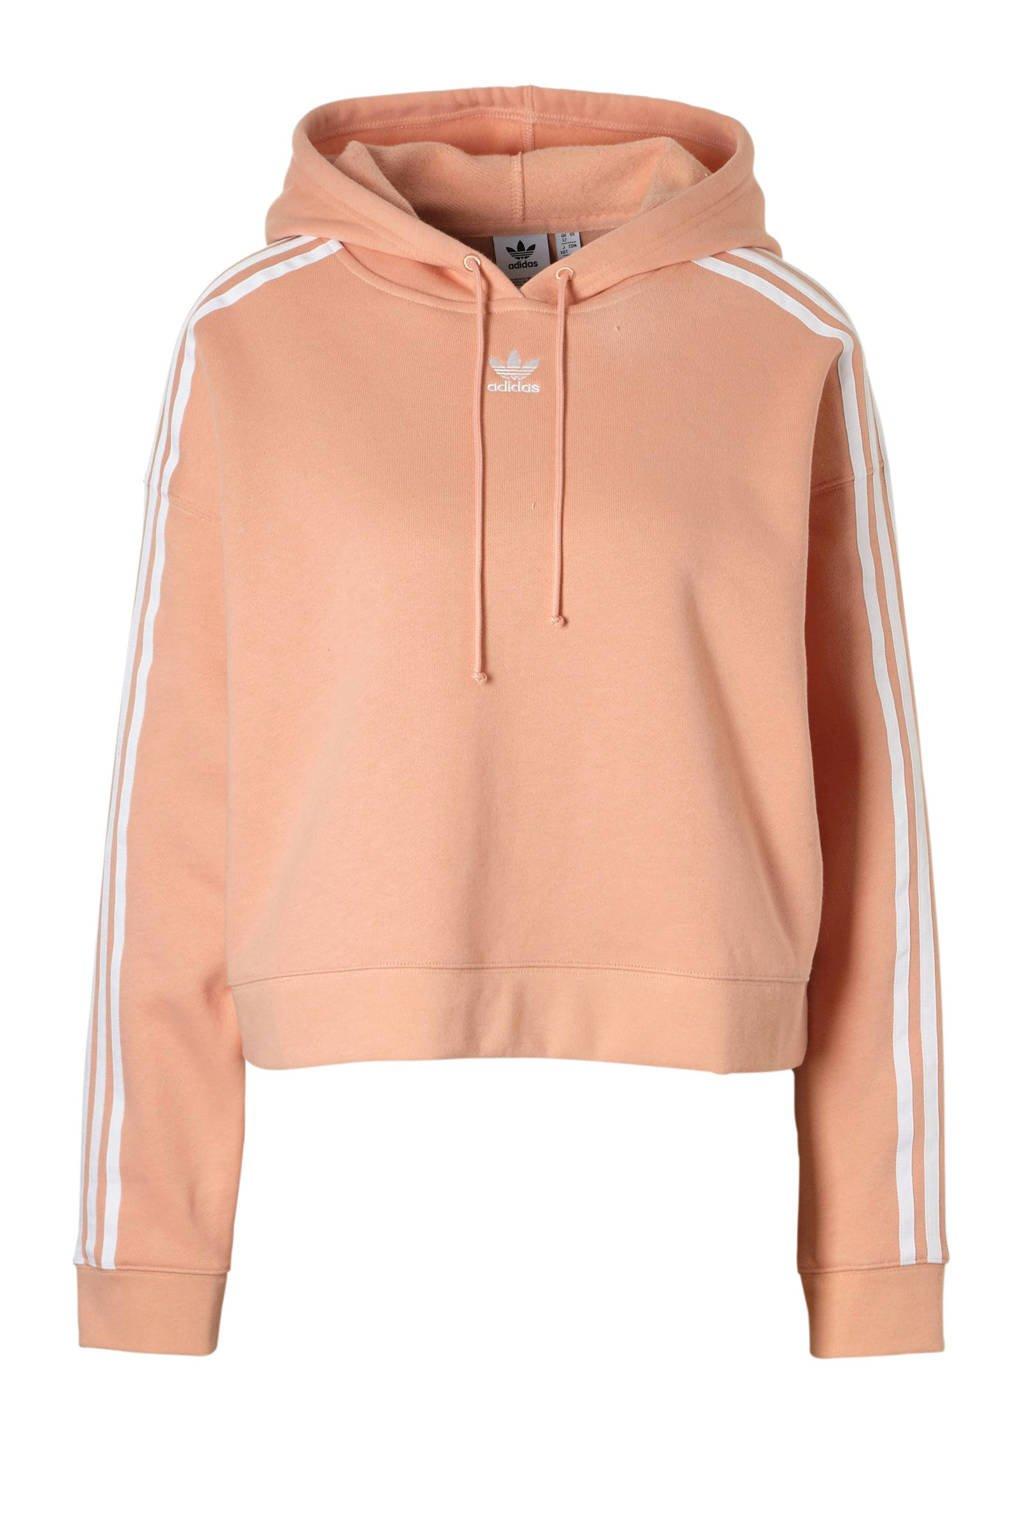 adidas originals hoodie zalmroze, Zalmroze